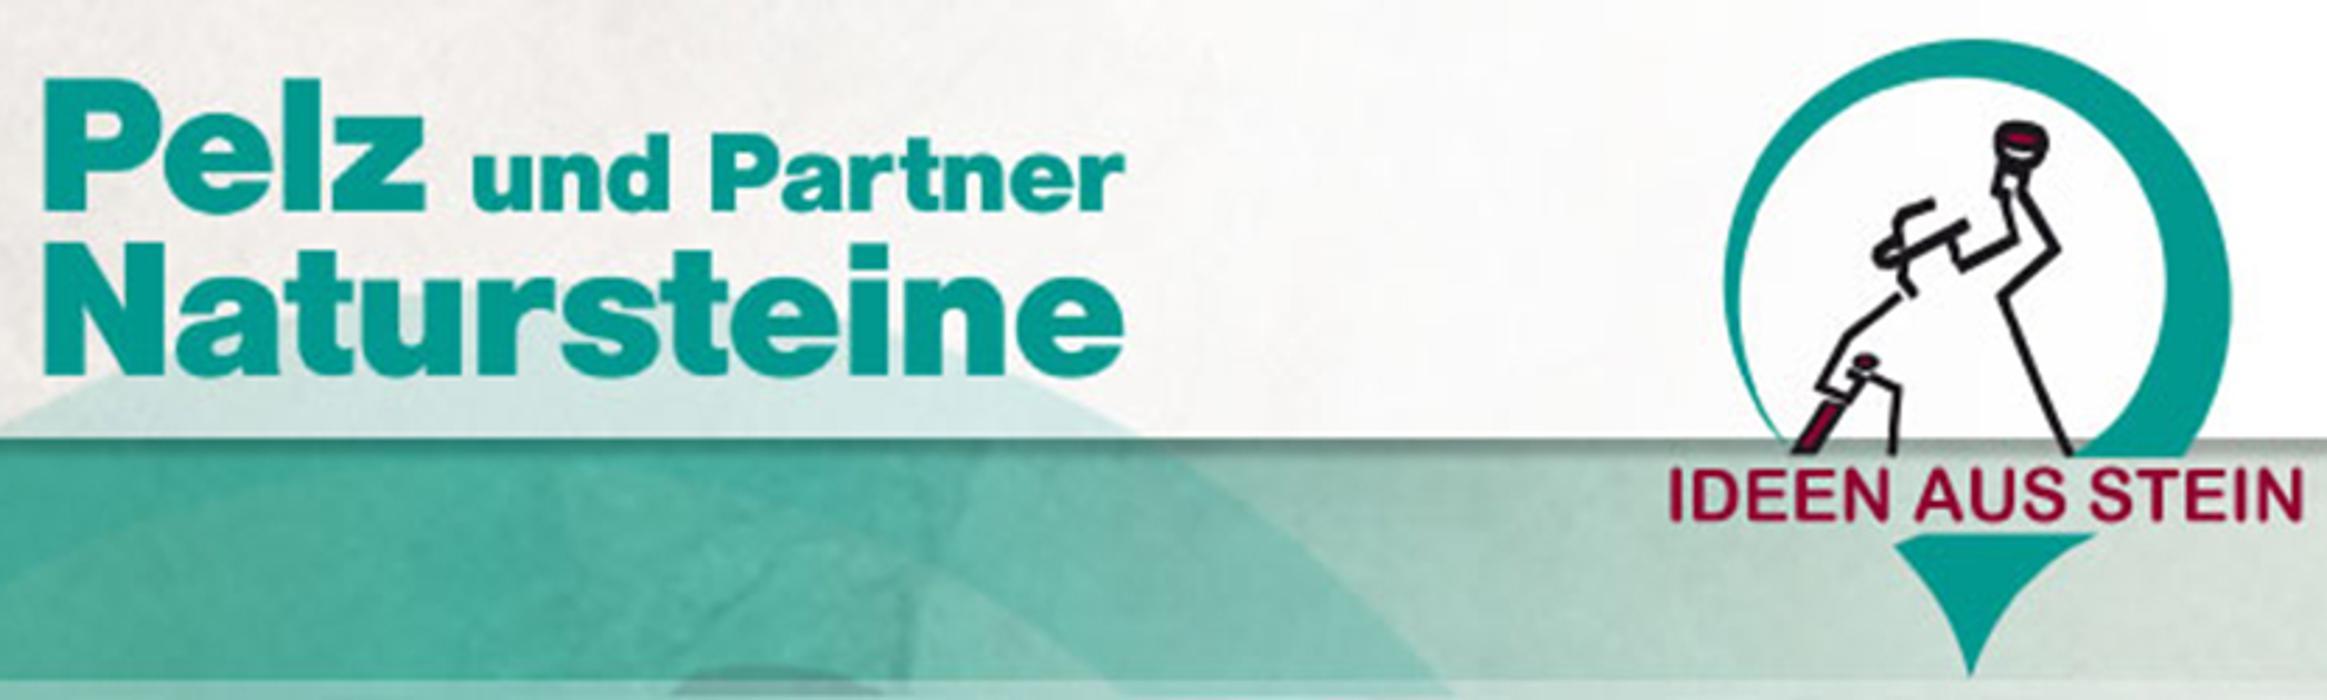 Pelz und Partner Natursteine GmbH